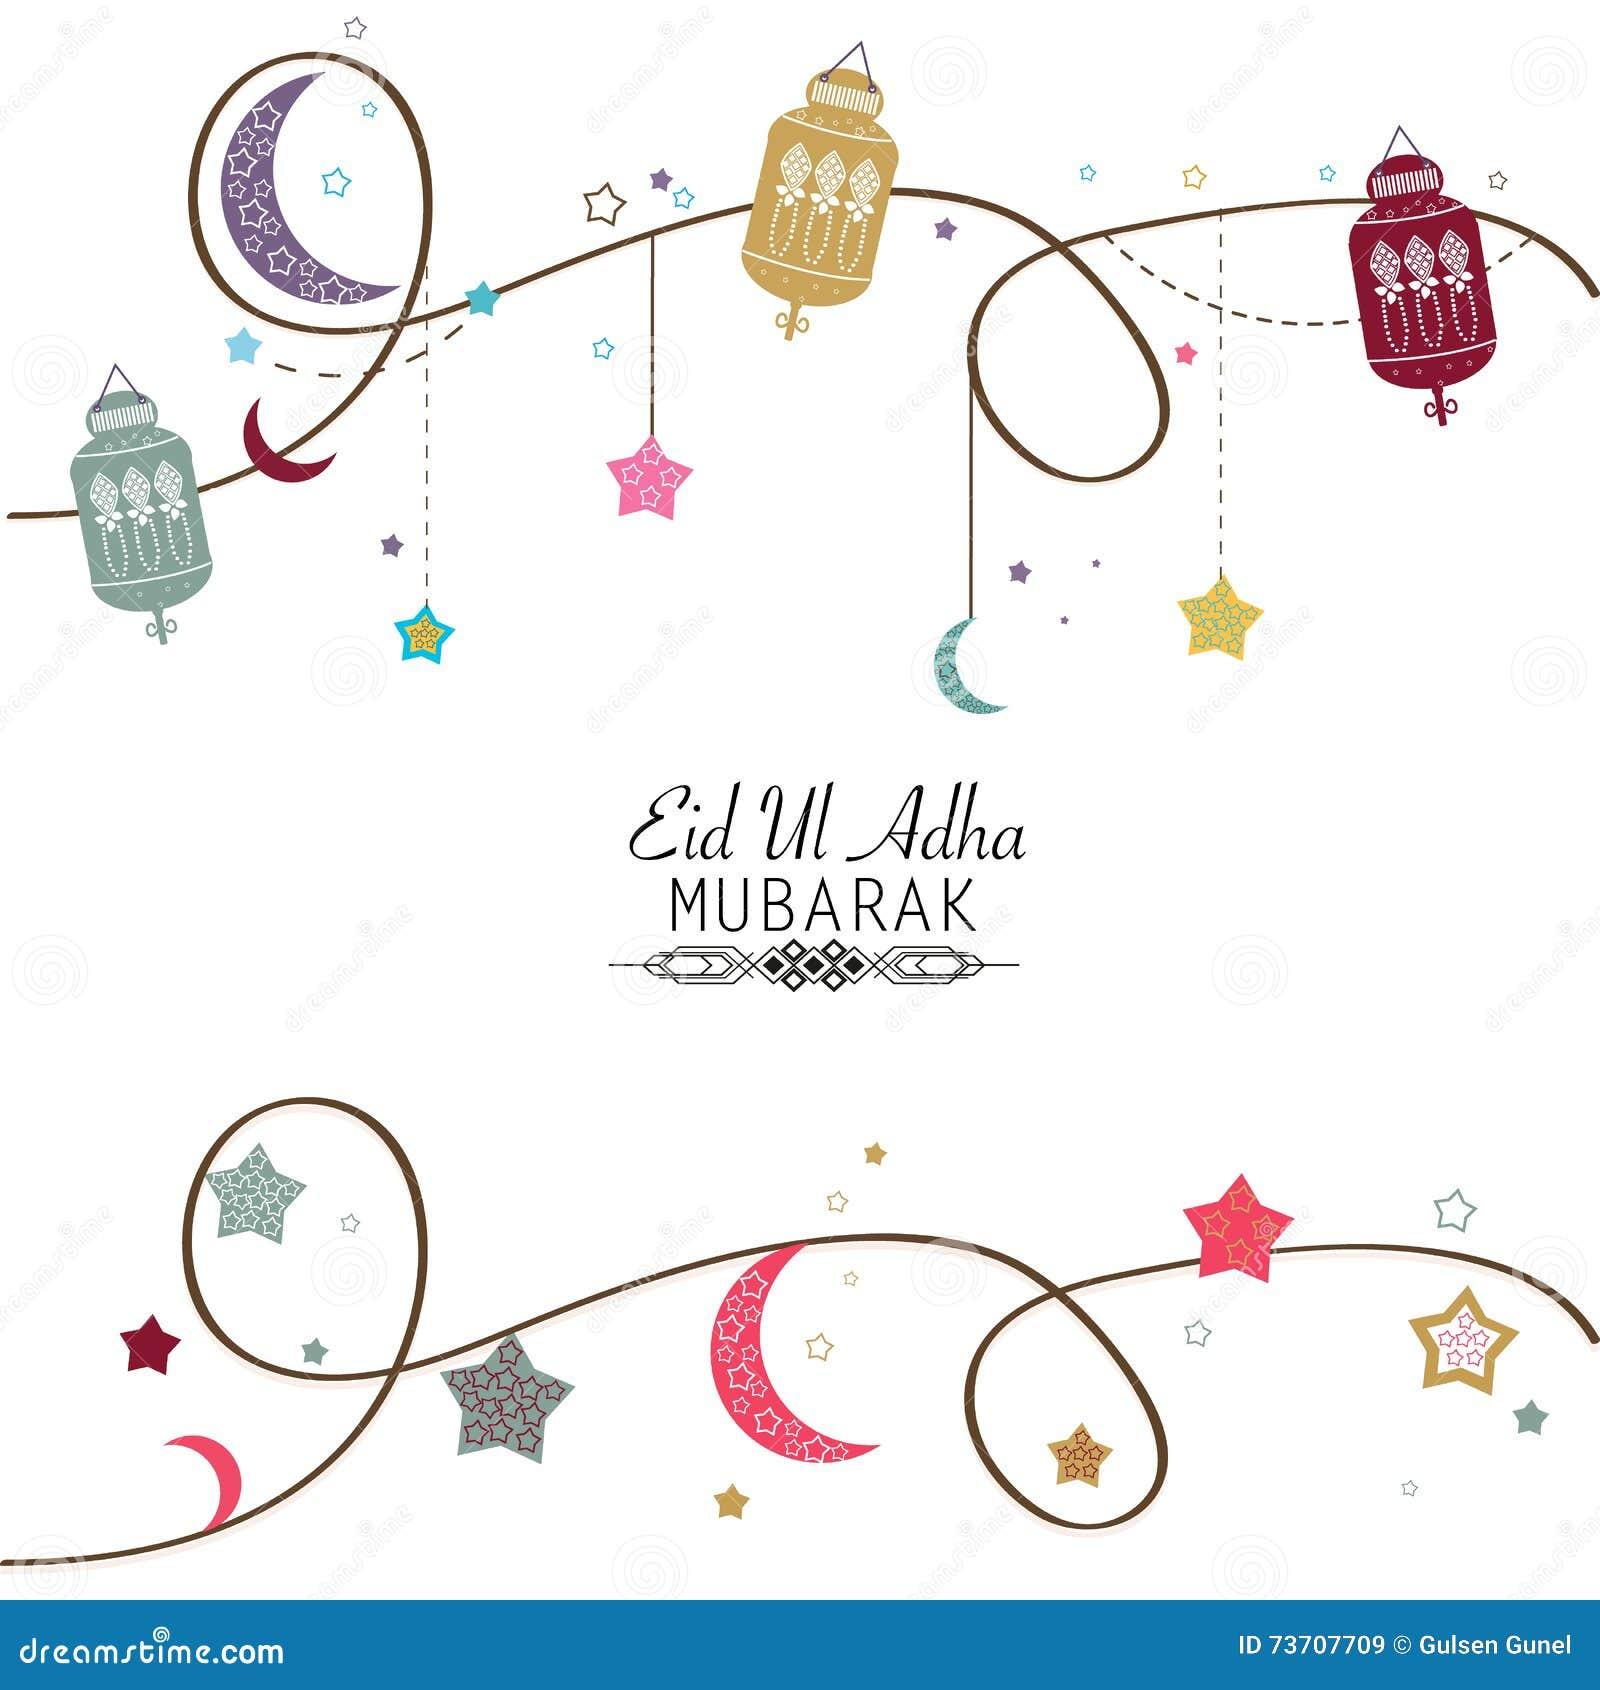 Celebrate eid ul adha essay